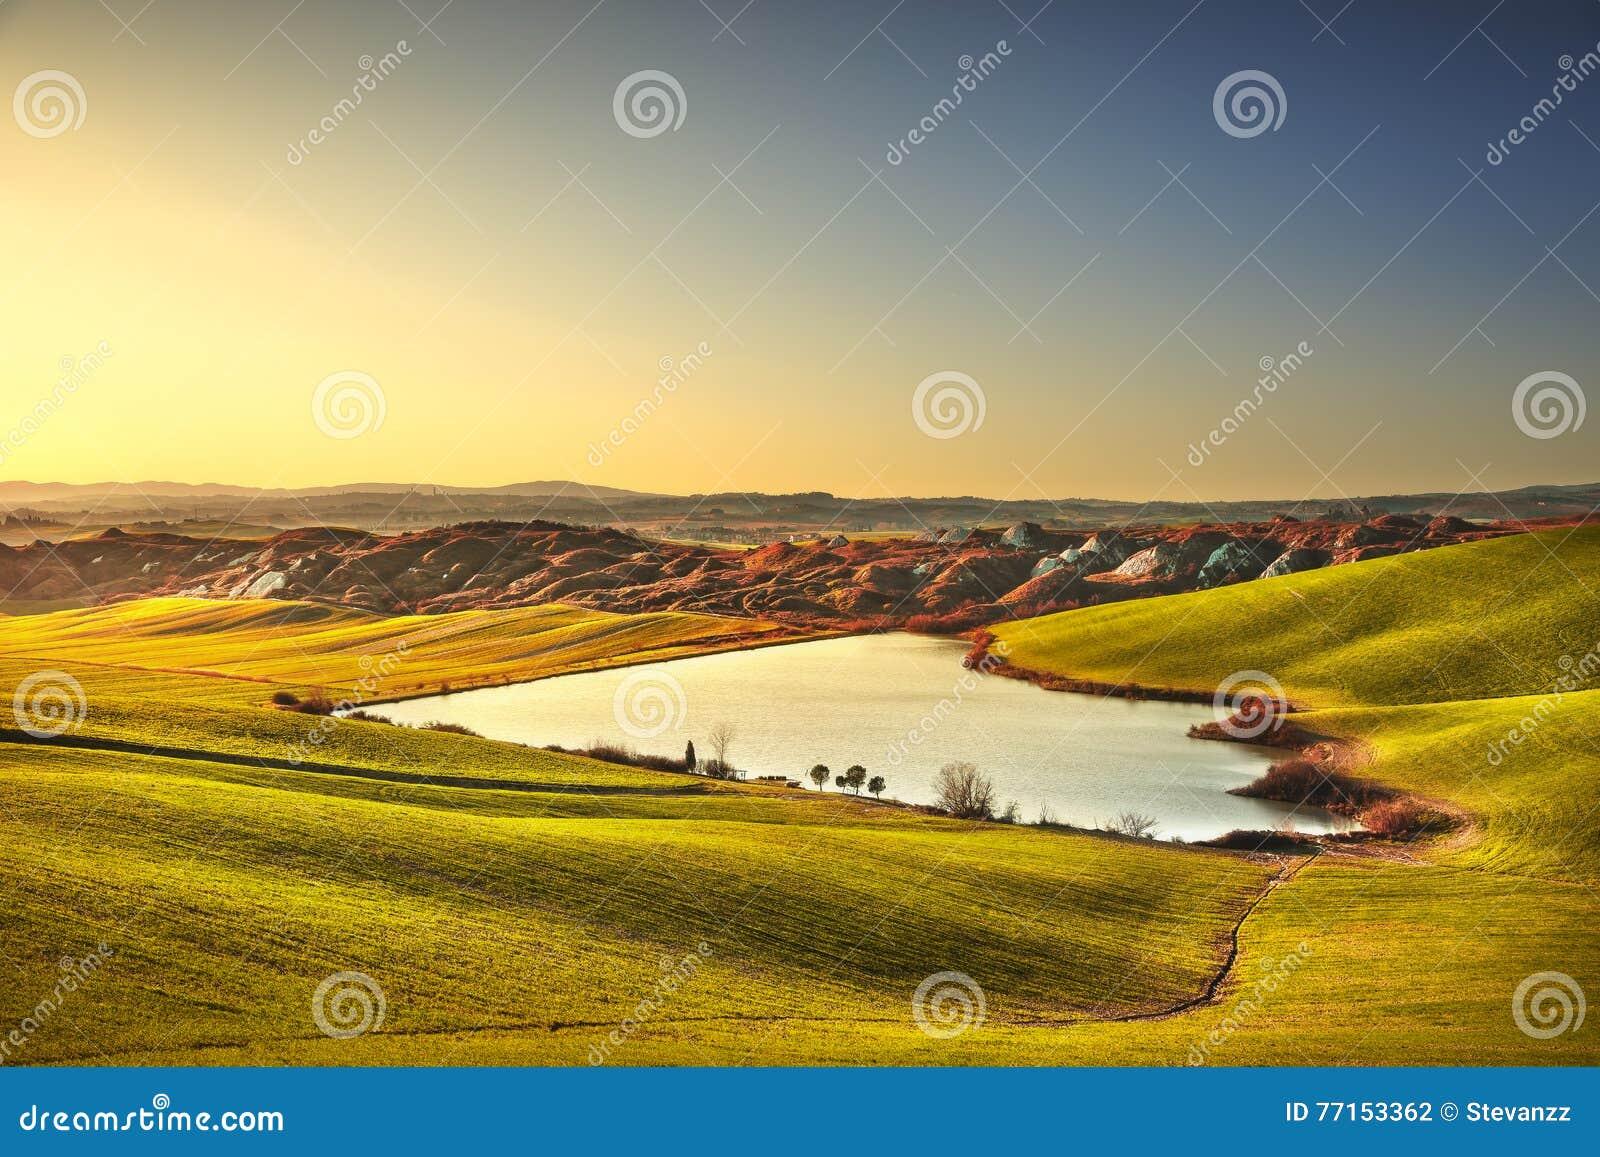 Paysage rural de la Toscane, Crète Senesi sur le coucher du soleil, Italie Lac et